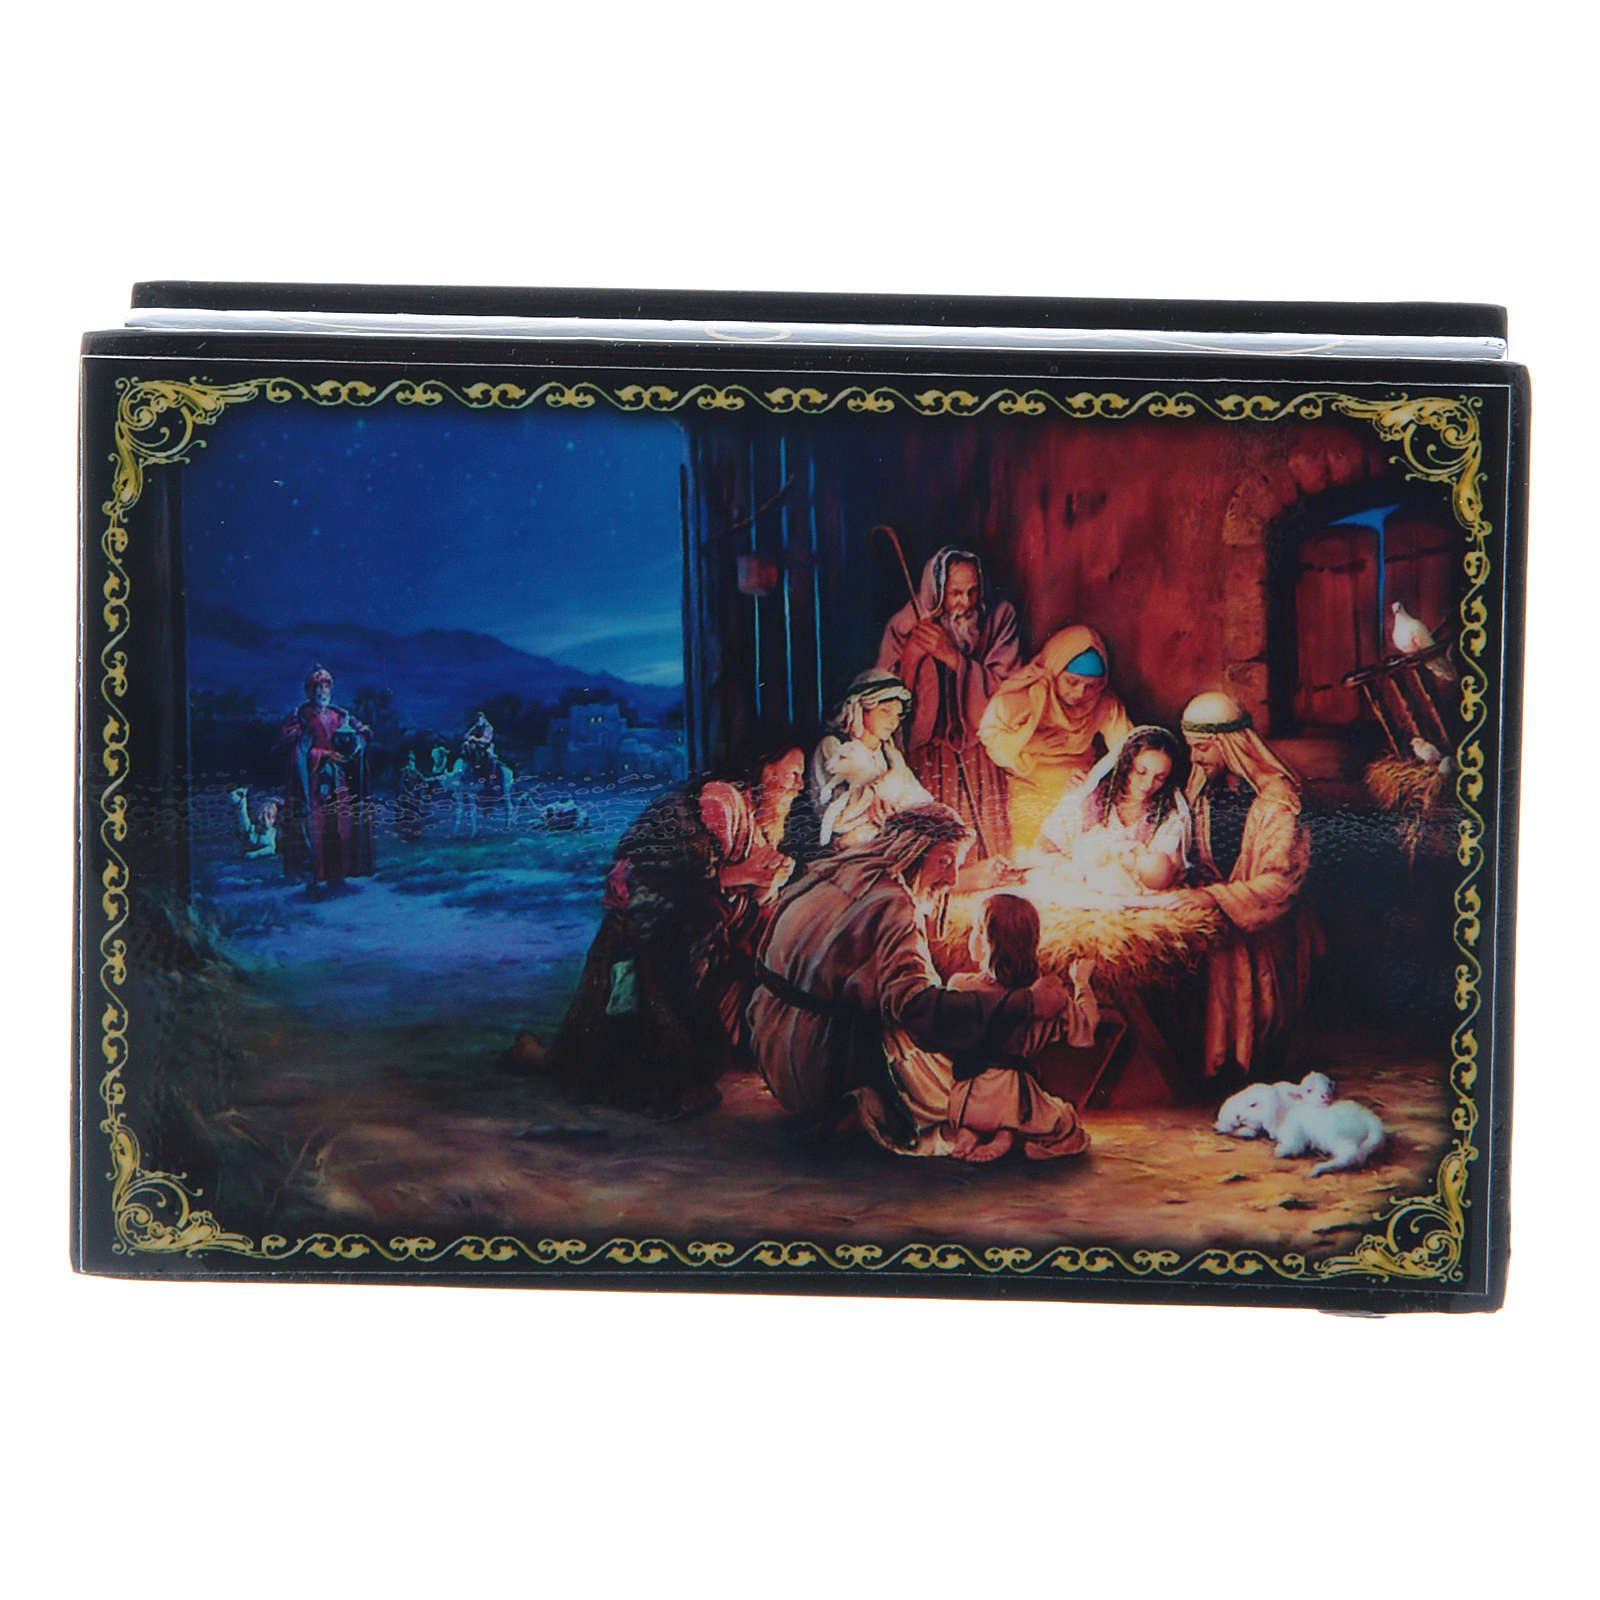 Laca russa decorada O Nascimento de Jesus Cristo e Adoração dos Magos 9x6 cm 4